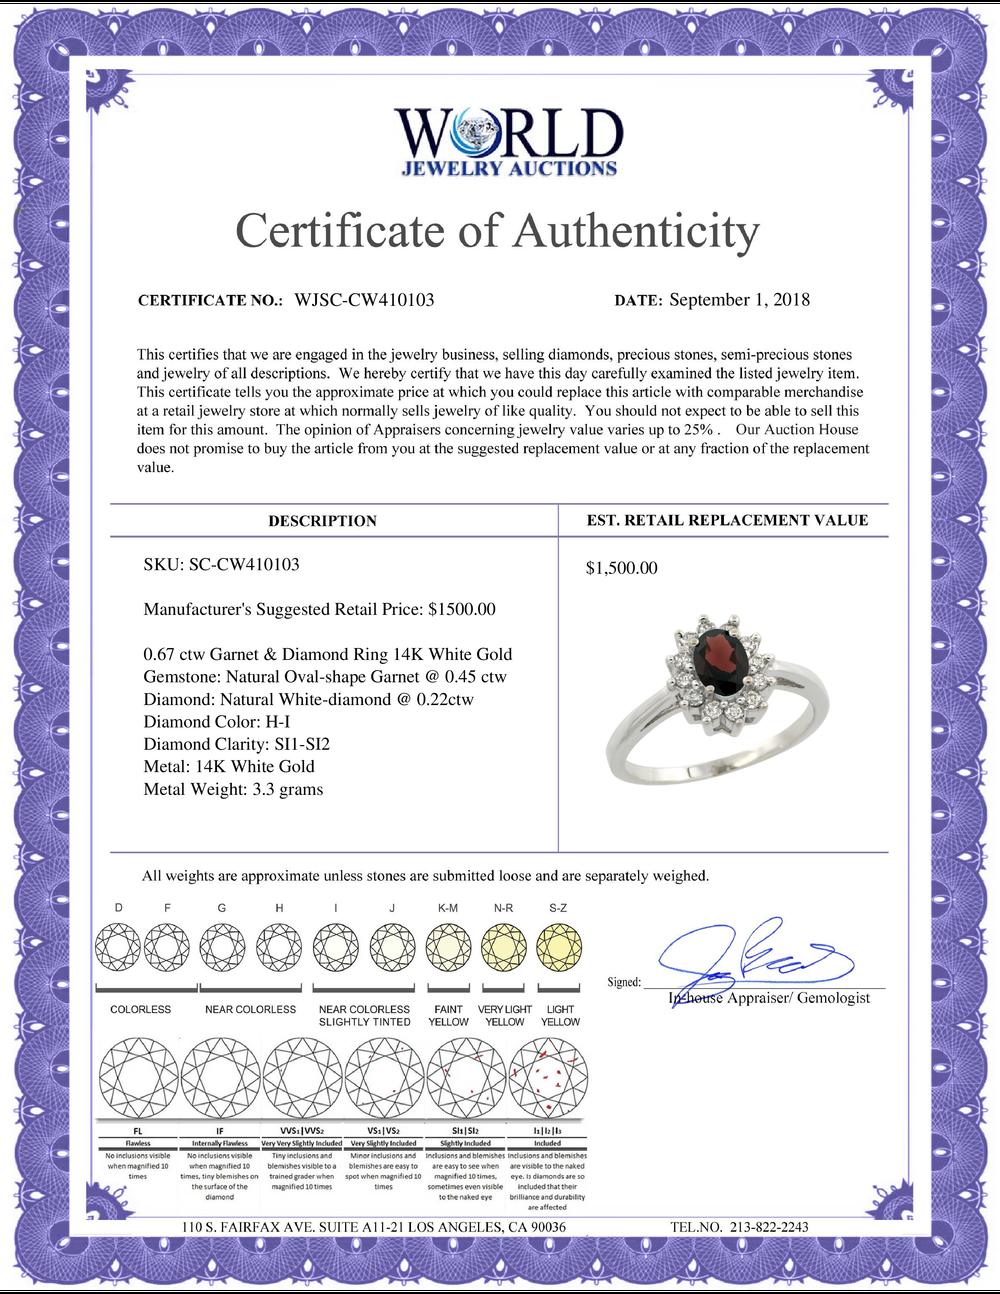 Lot 4168: Natural 0.67 ctw Garnet & Diamond Engagement Ring 14K White Gold - REF-48N6G